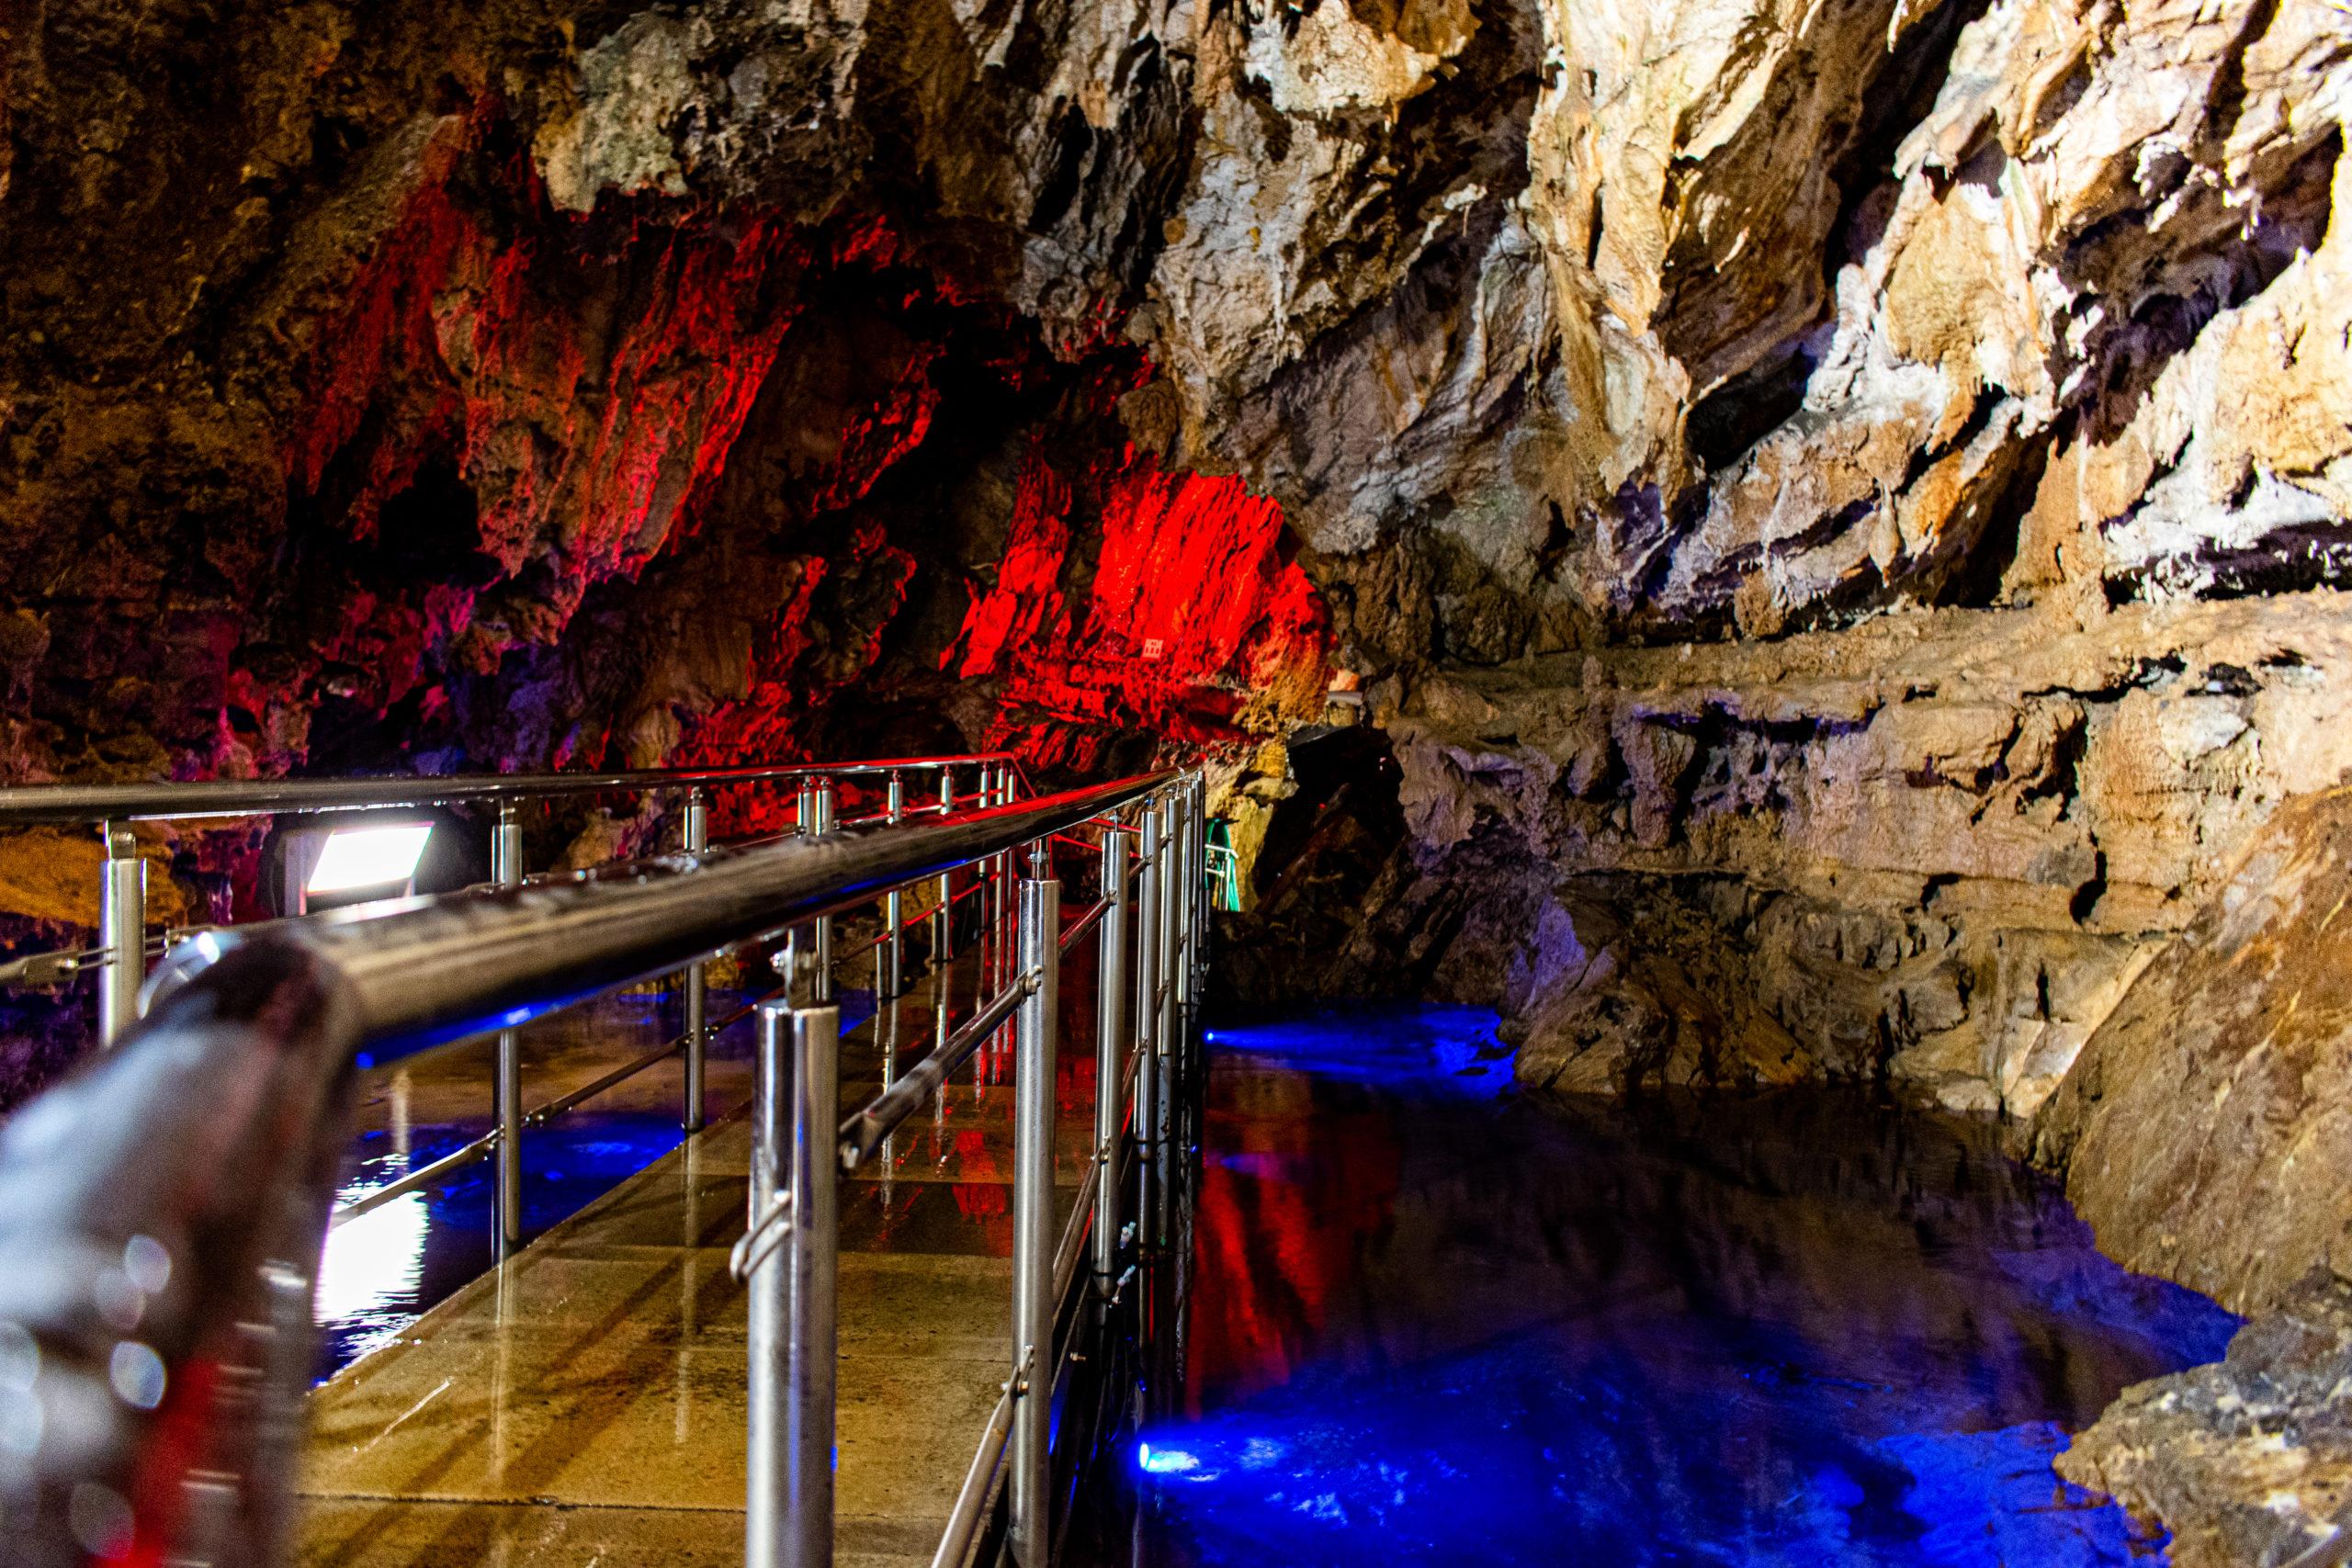 鍾乳洞はここにもある!岐阜県の飛騨大鍾乳洞への行き方